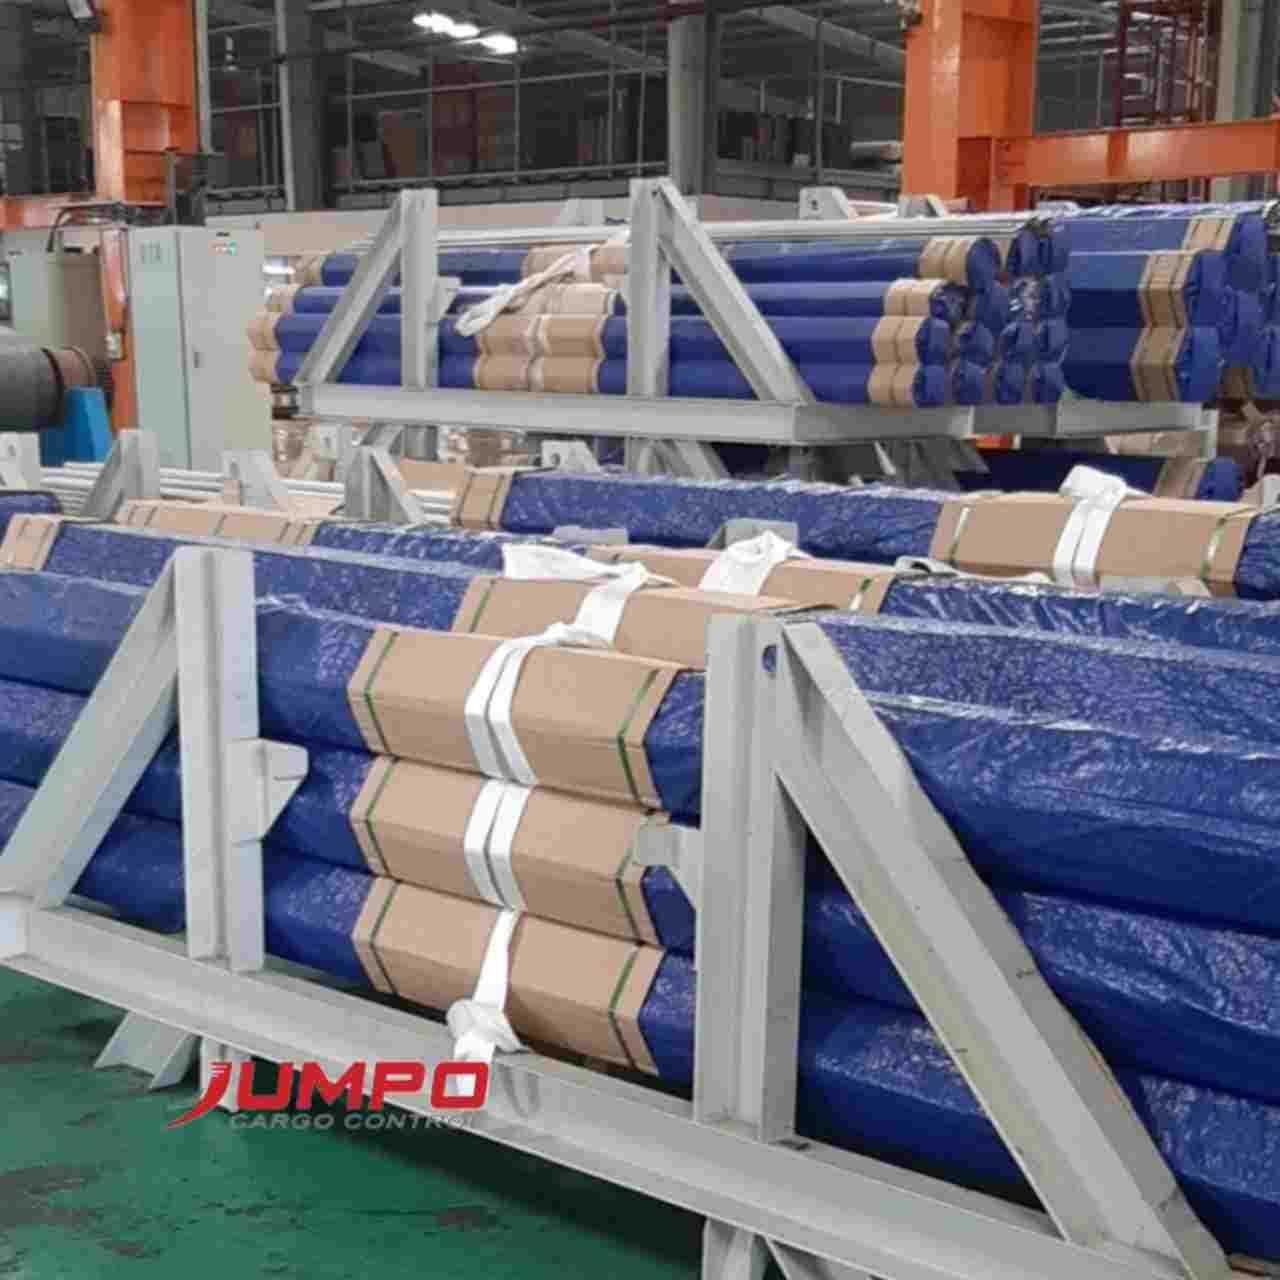 Ứng dụng dây cáp vải cẩu hàng 1 tấn vòng tròn cẩu ống thép sử dụng 1 lần theo hàng hóa